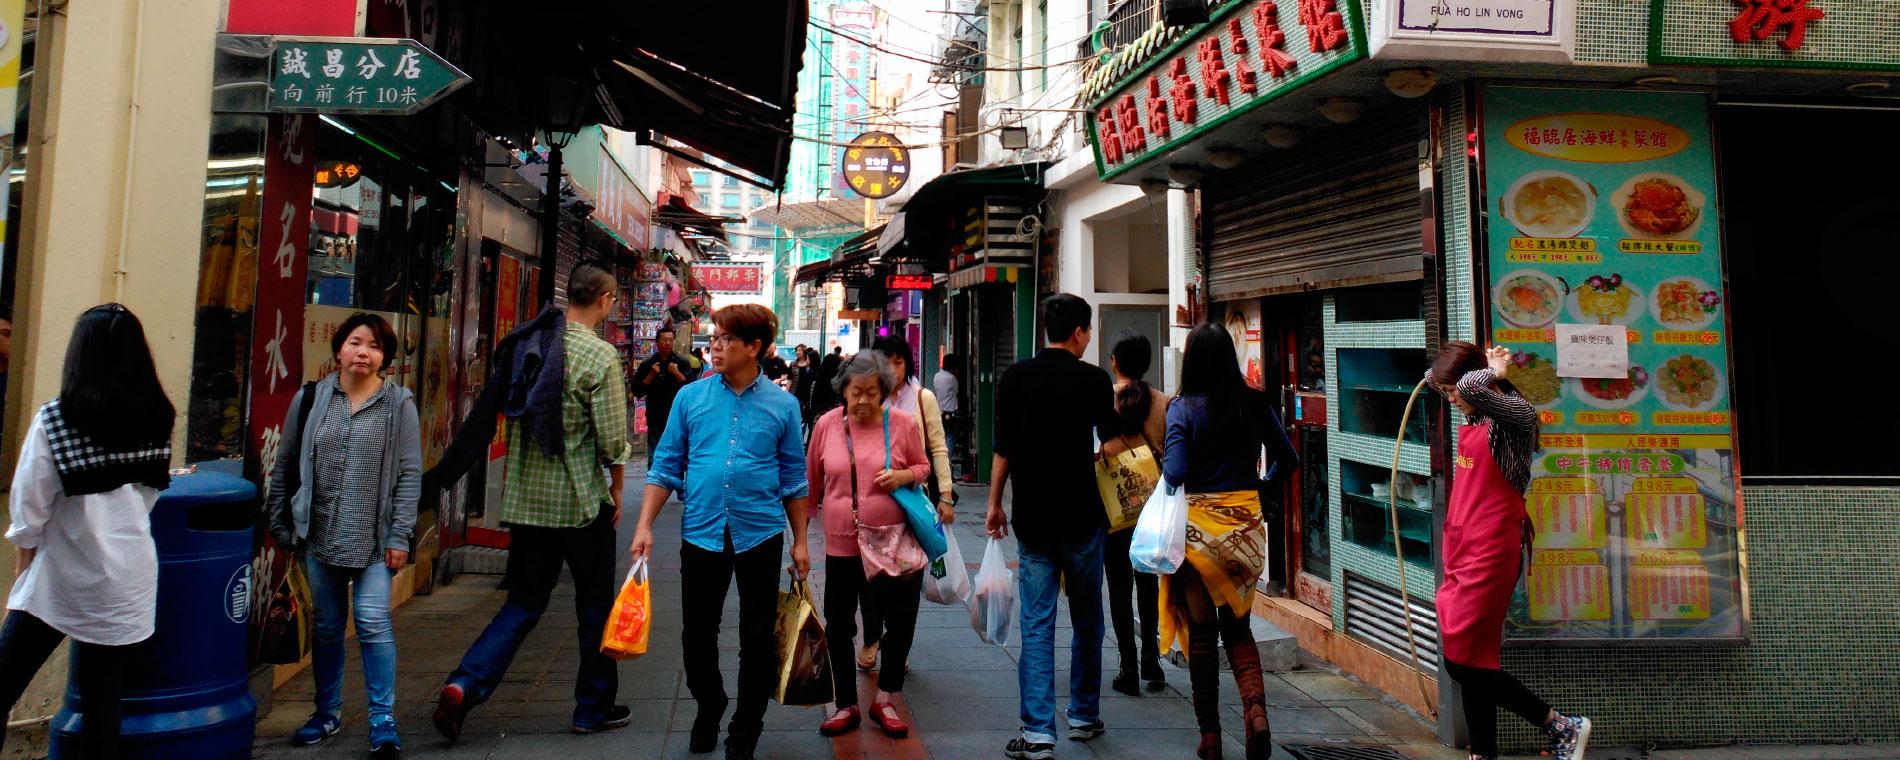 Relaciones España-China: Economía, Cultura y Sociedad